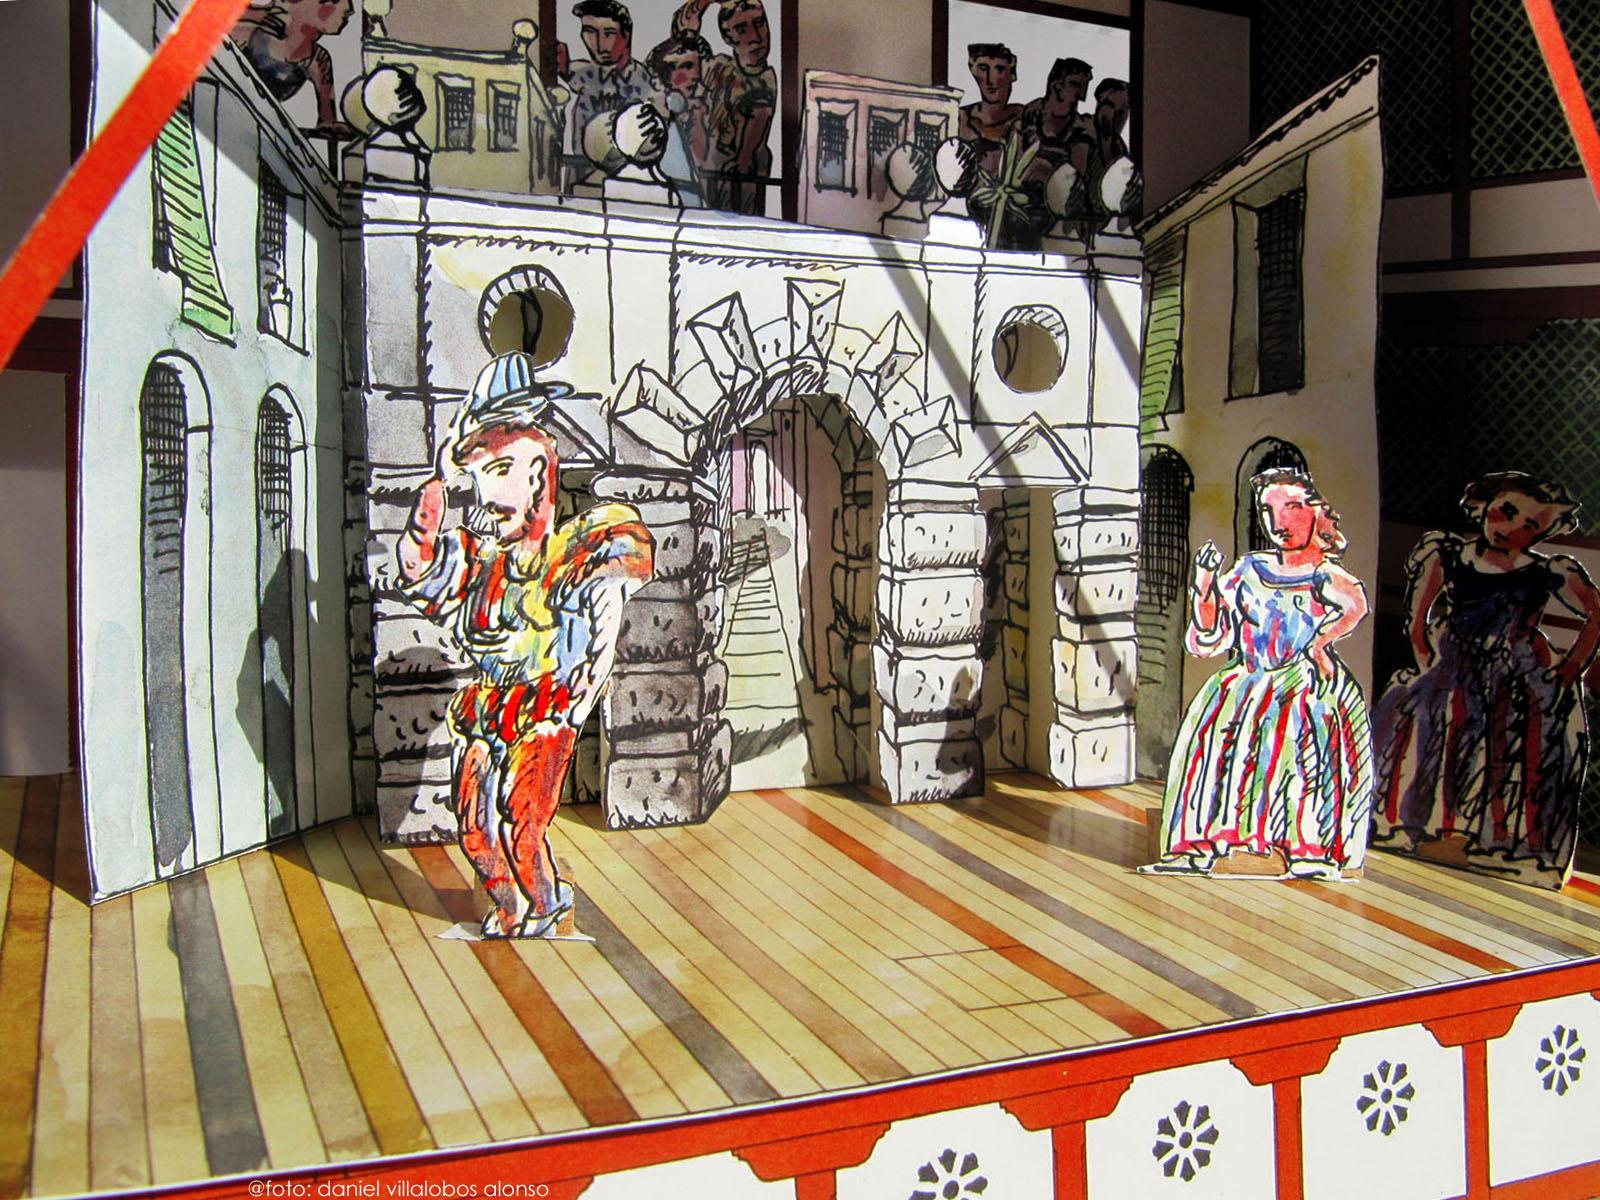 danielvillalobos-toytheater-prezvillalta-almagro-corraldecomedias-105